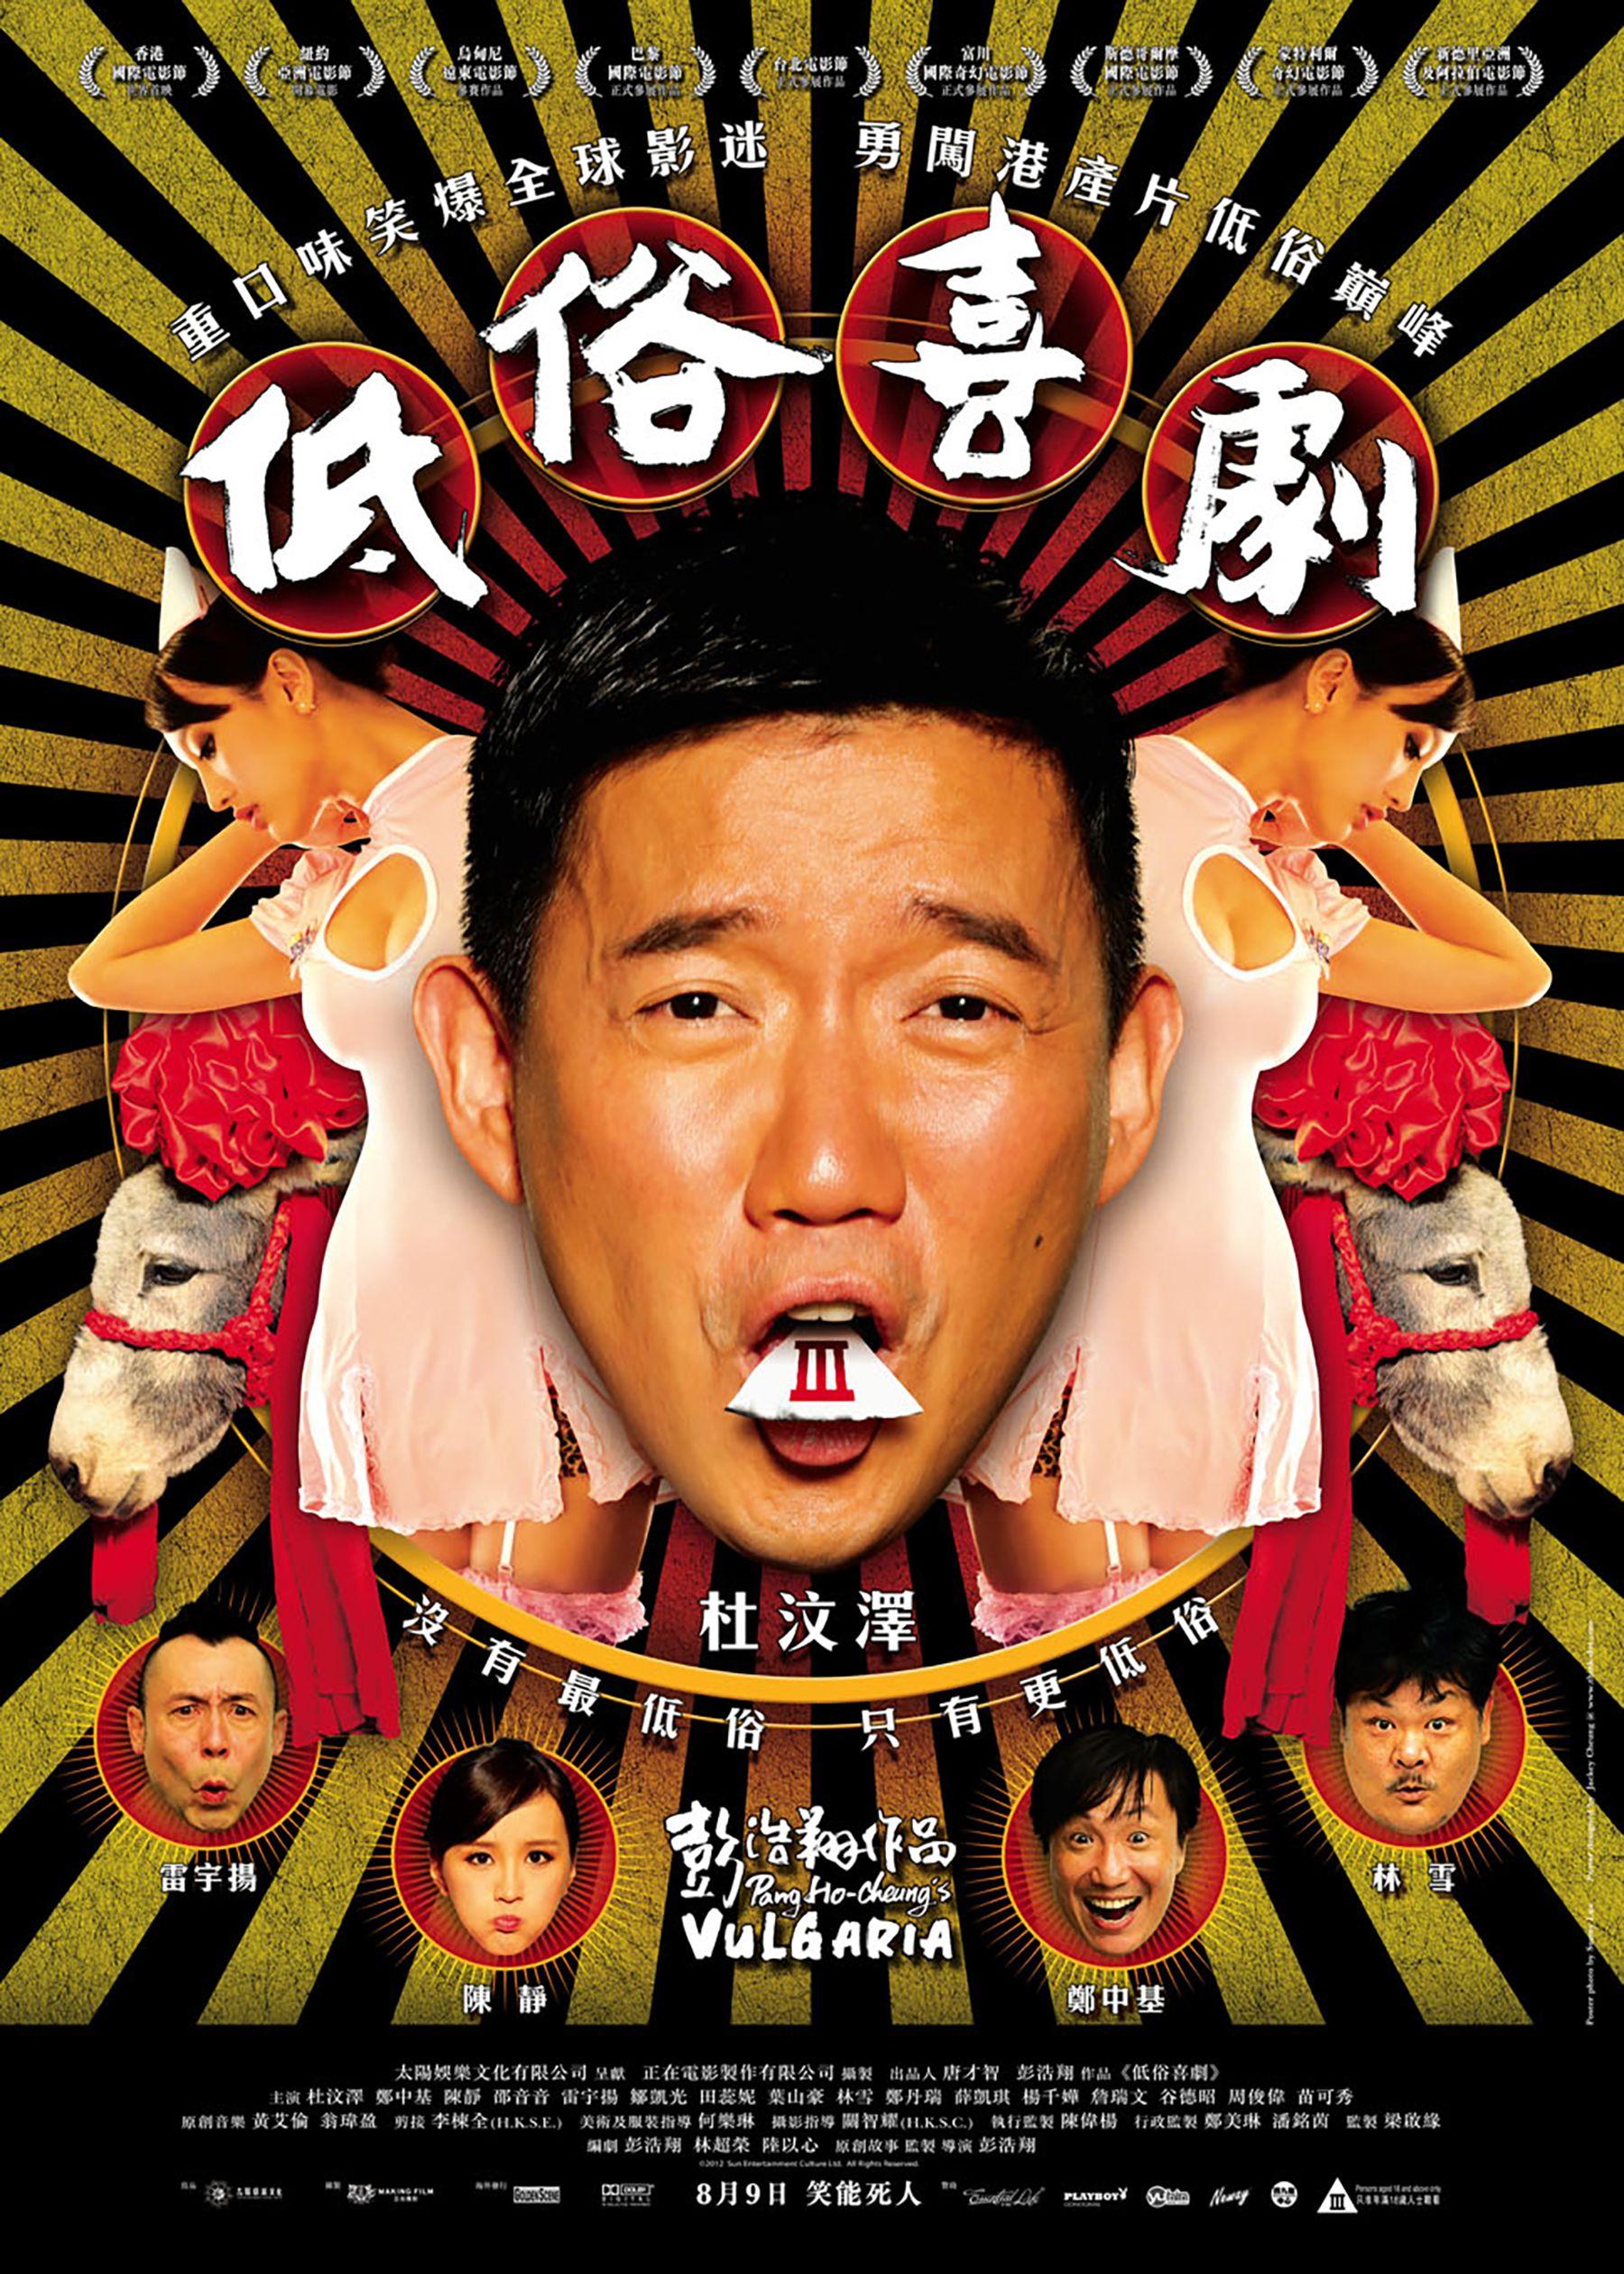 低俗喜劇 Vulgaria Movie posters, Poster, Chinese posters